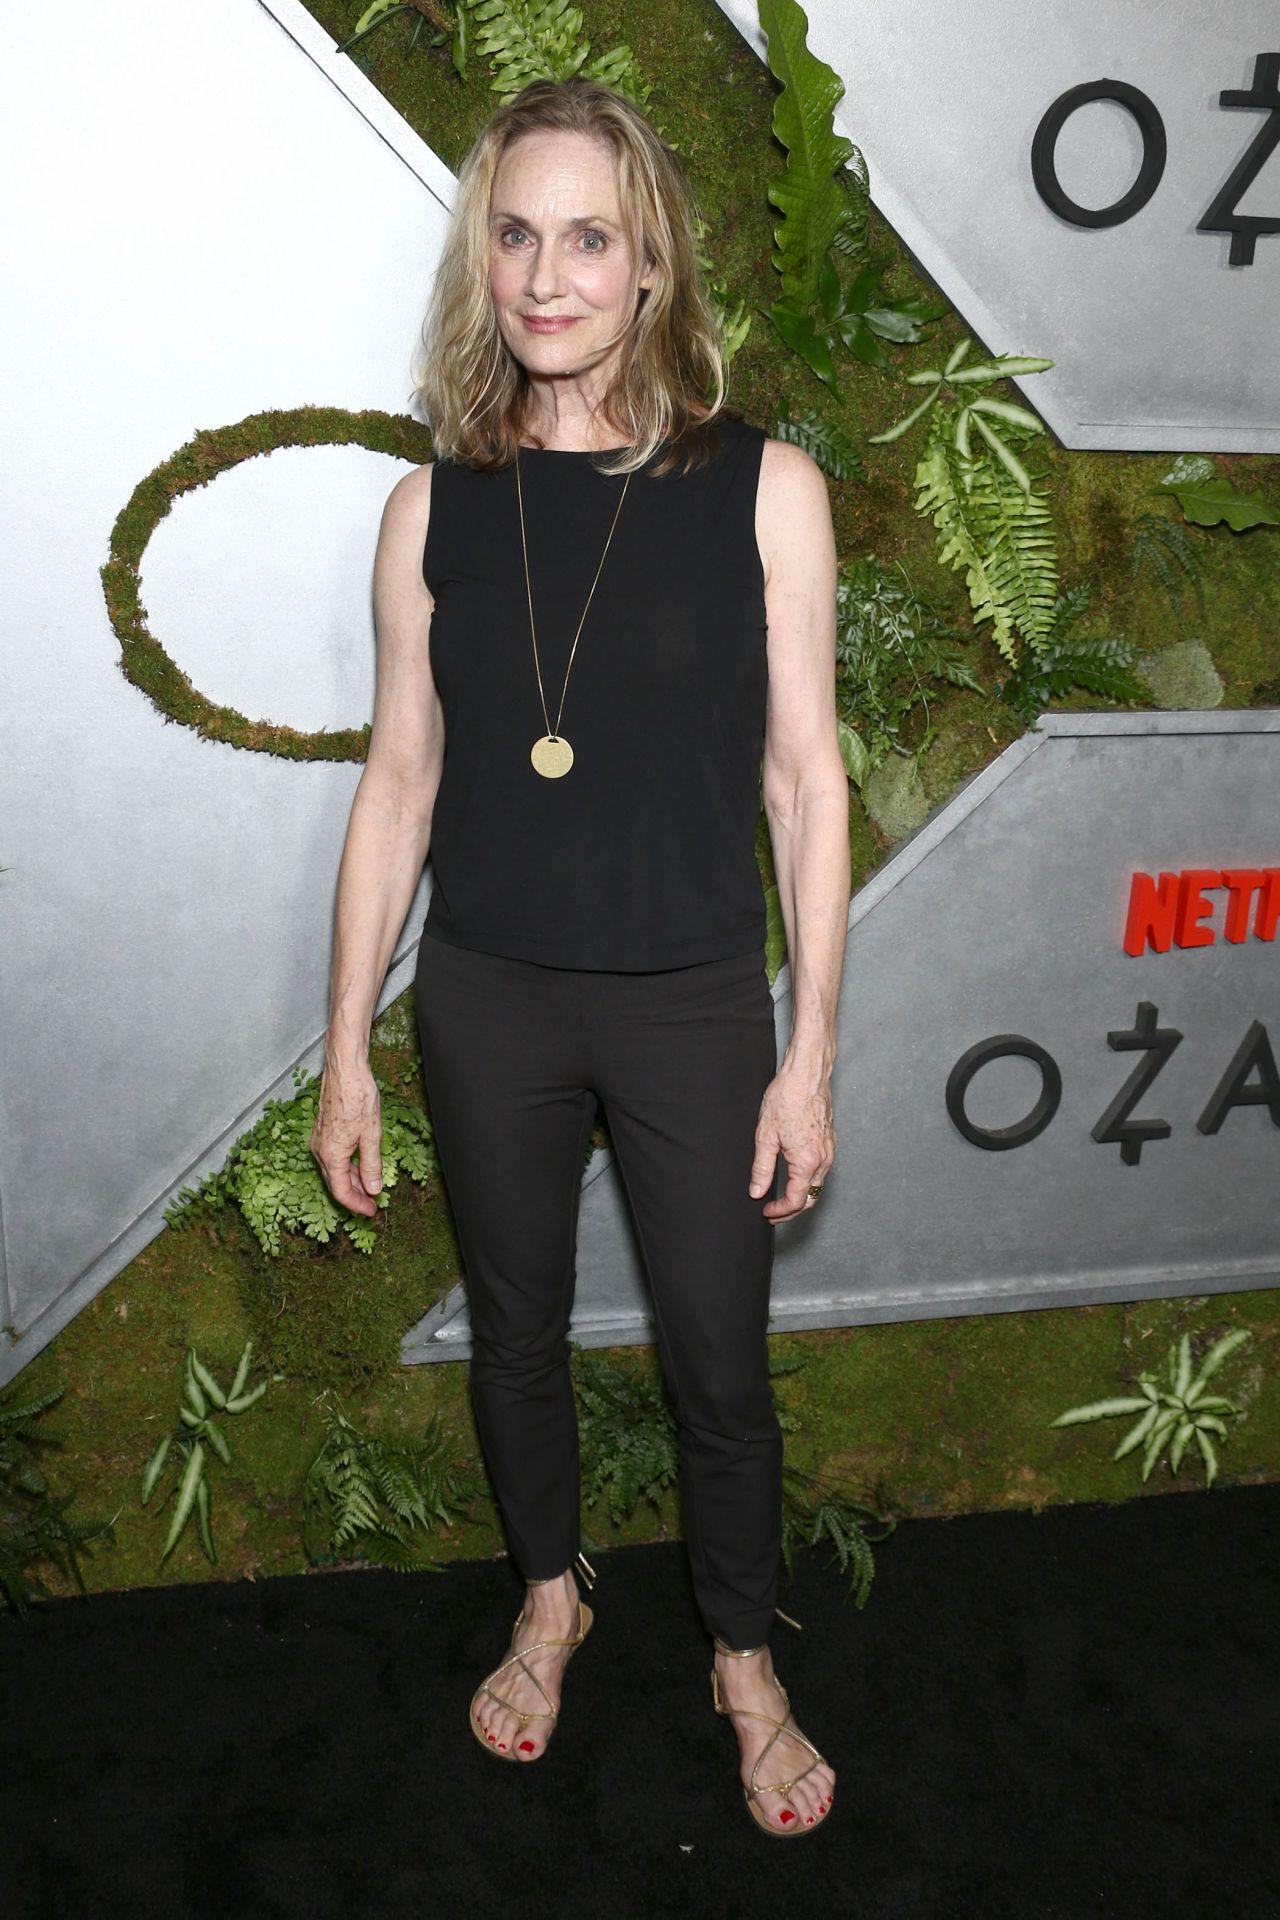 Lisa Emery Netflix Original Series Ozark Premiere In